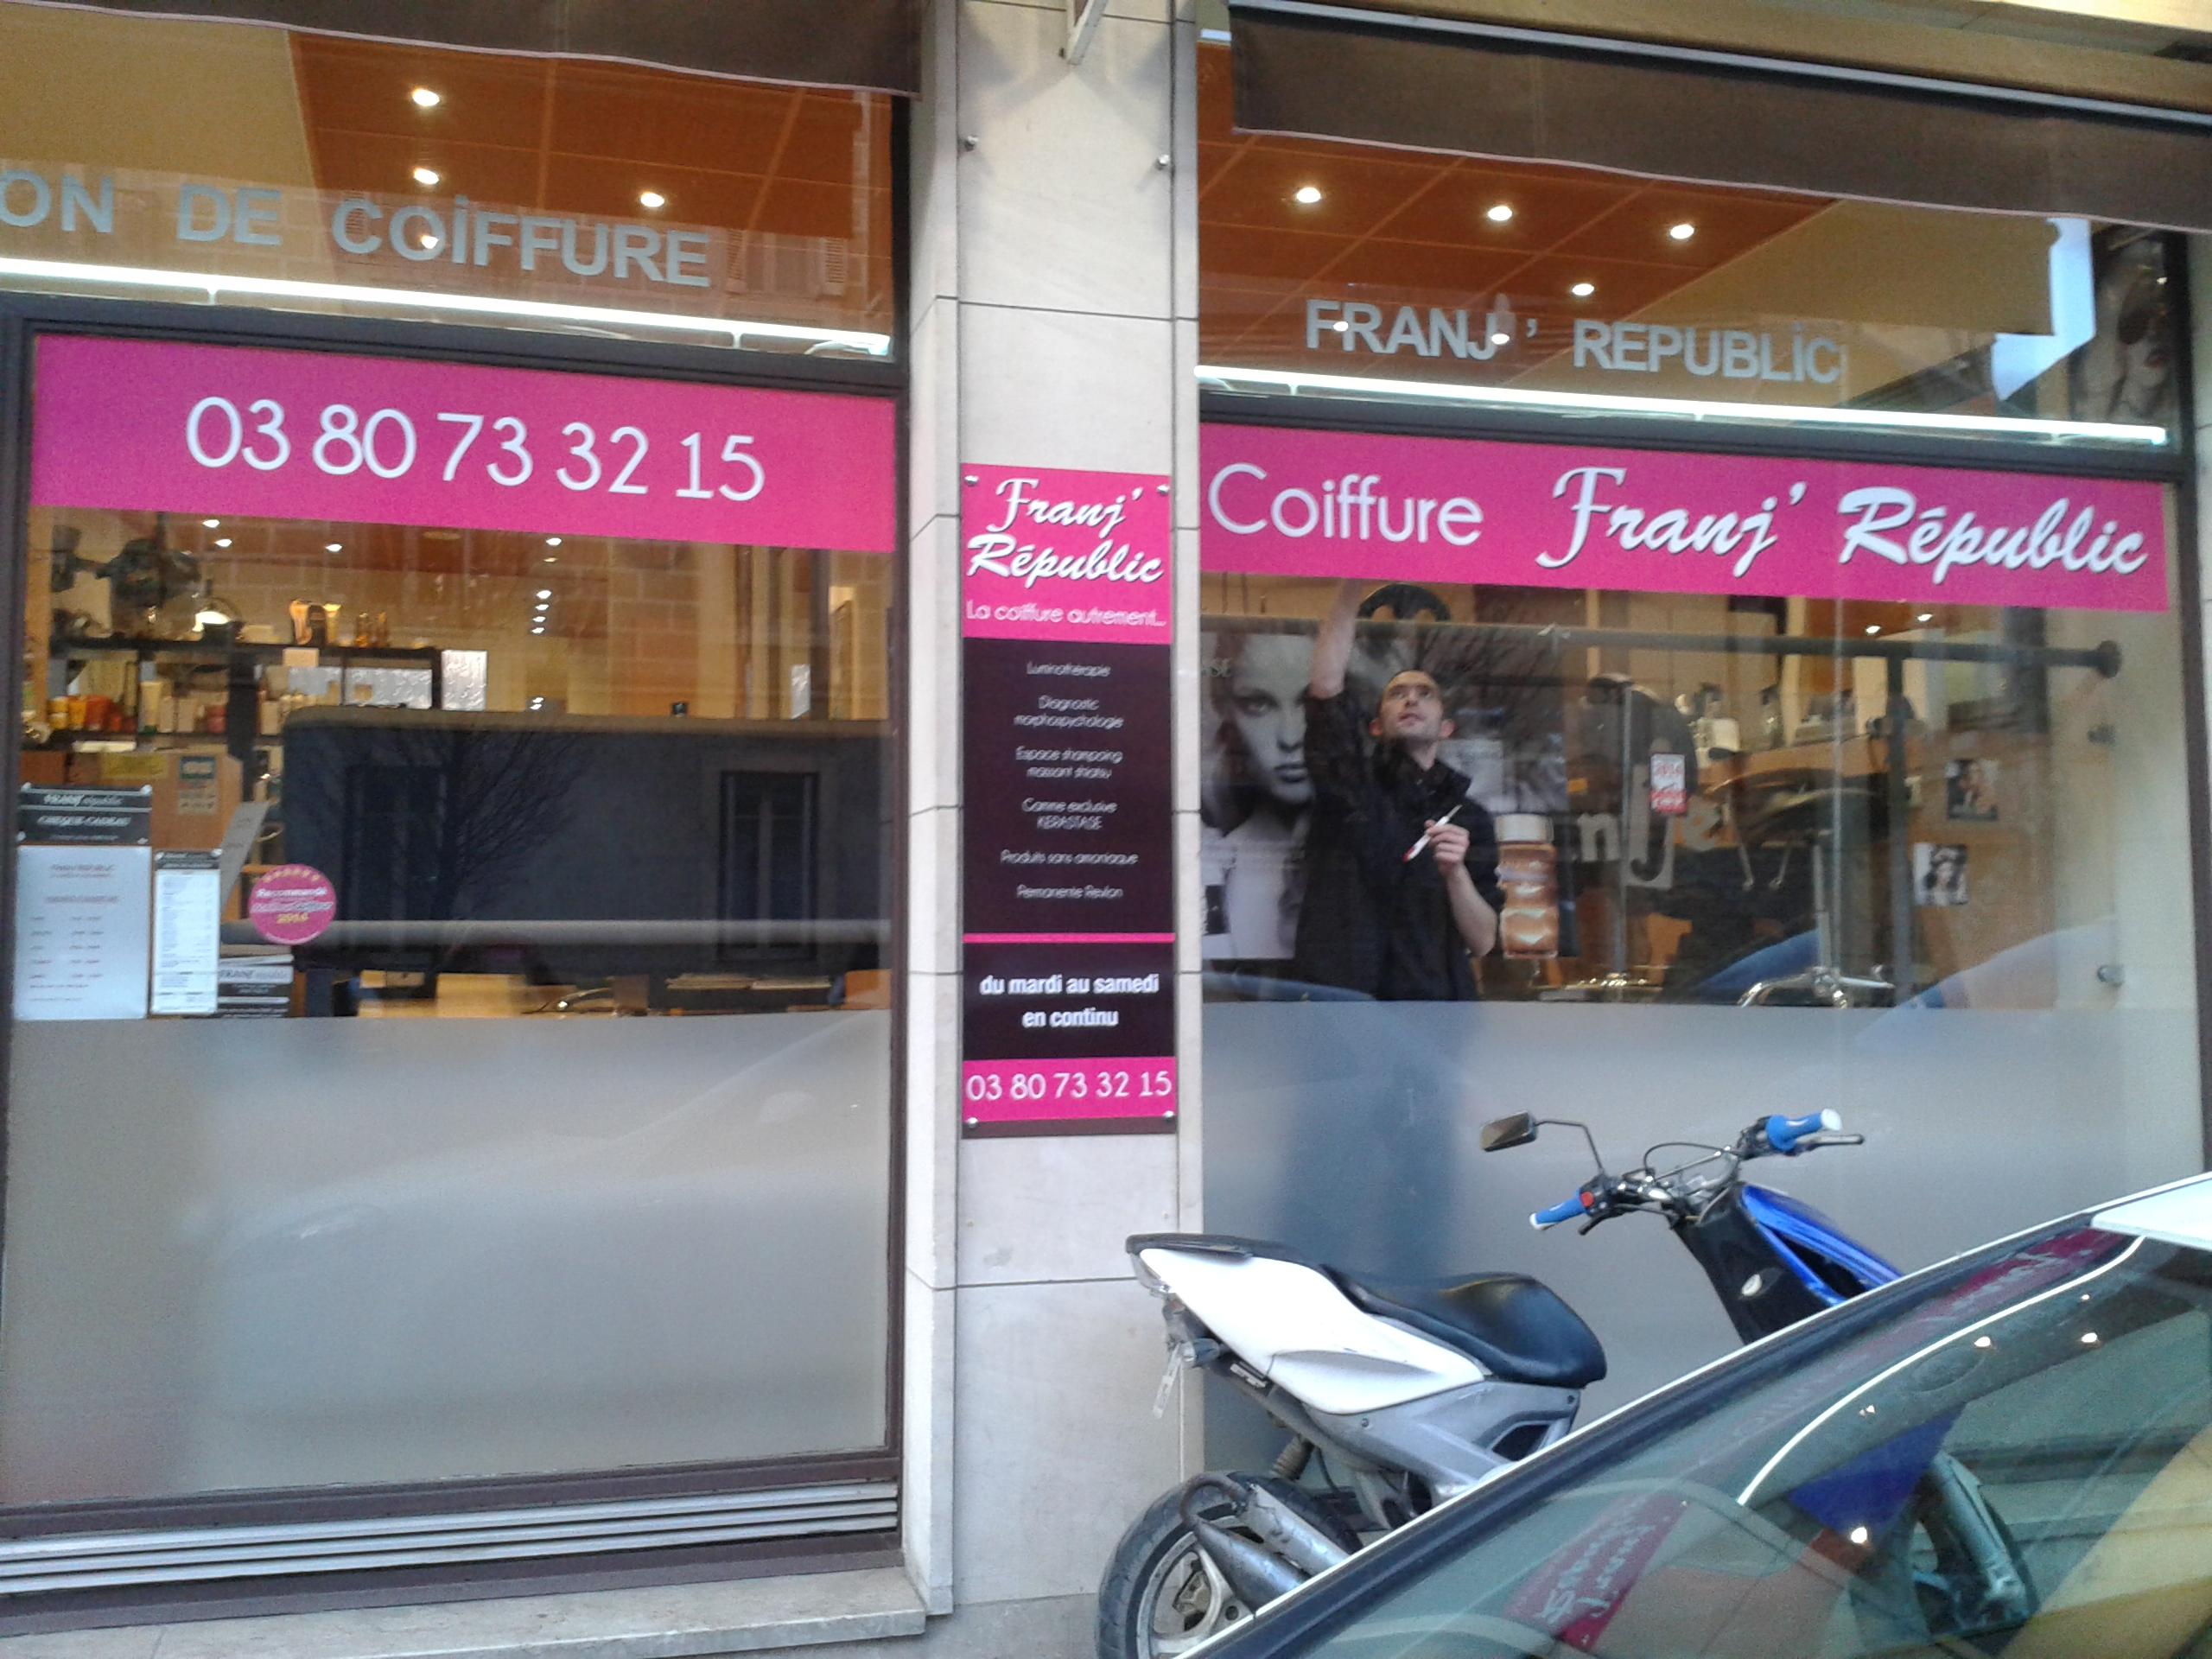 Franj Republic - Dijon